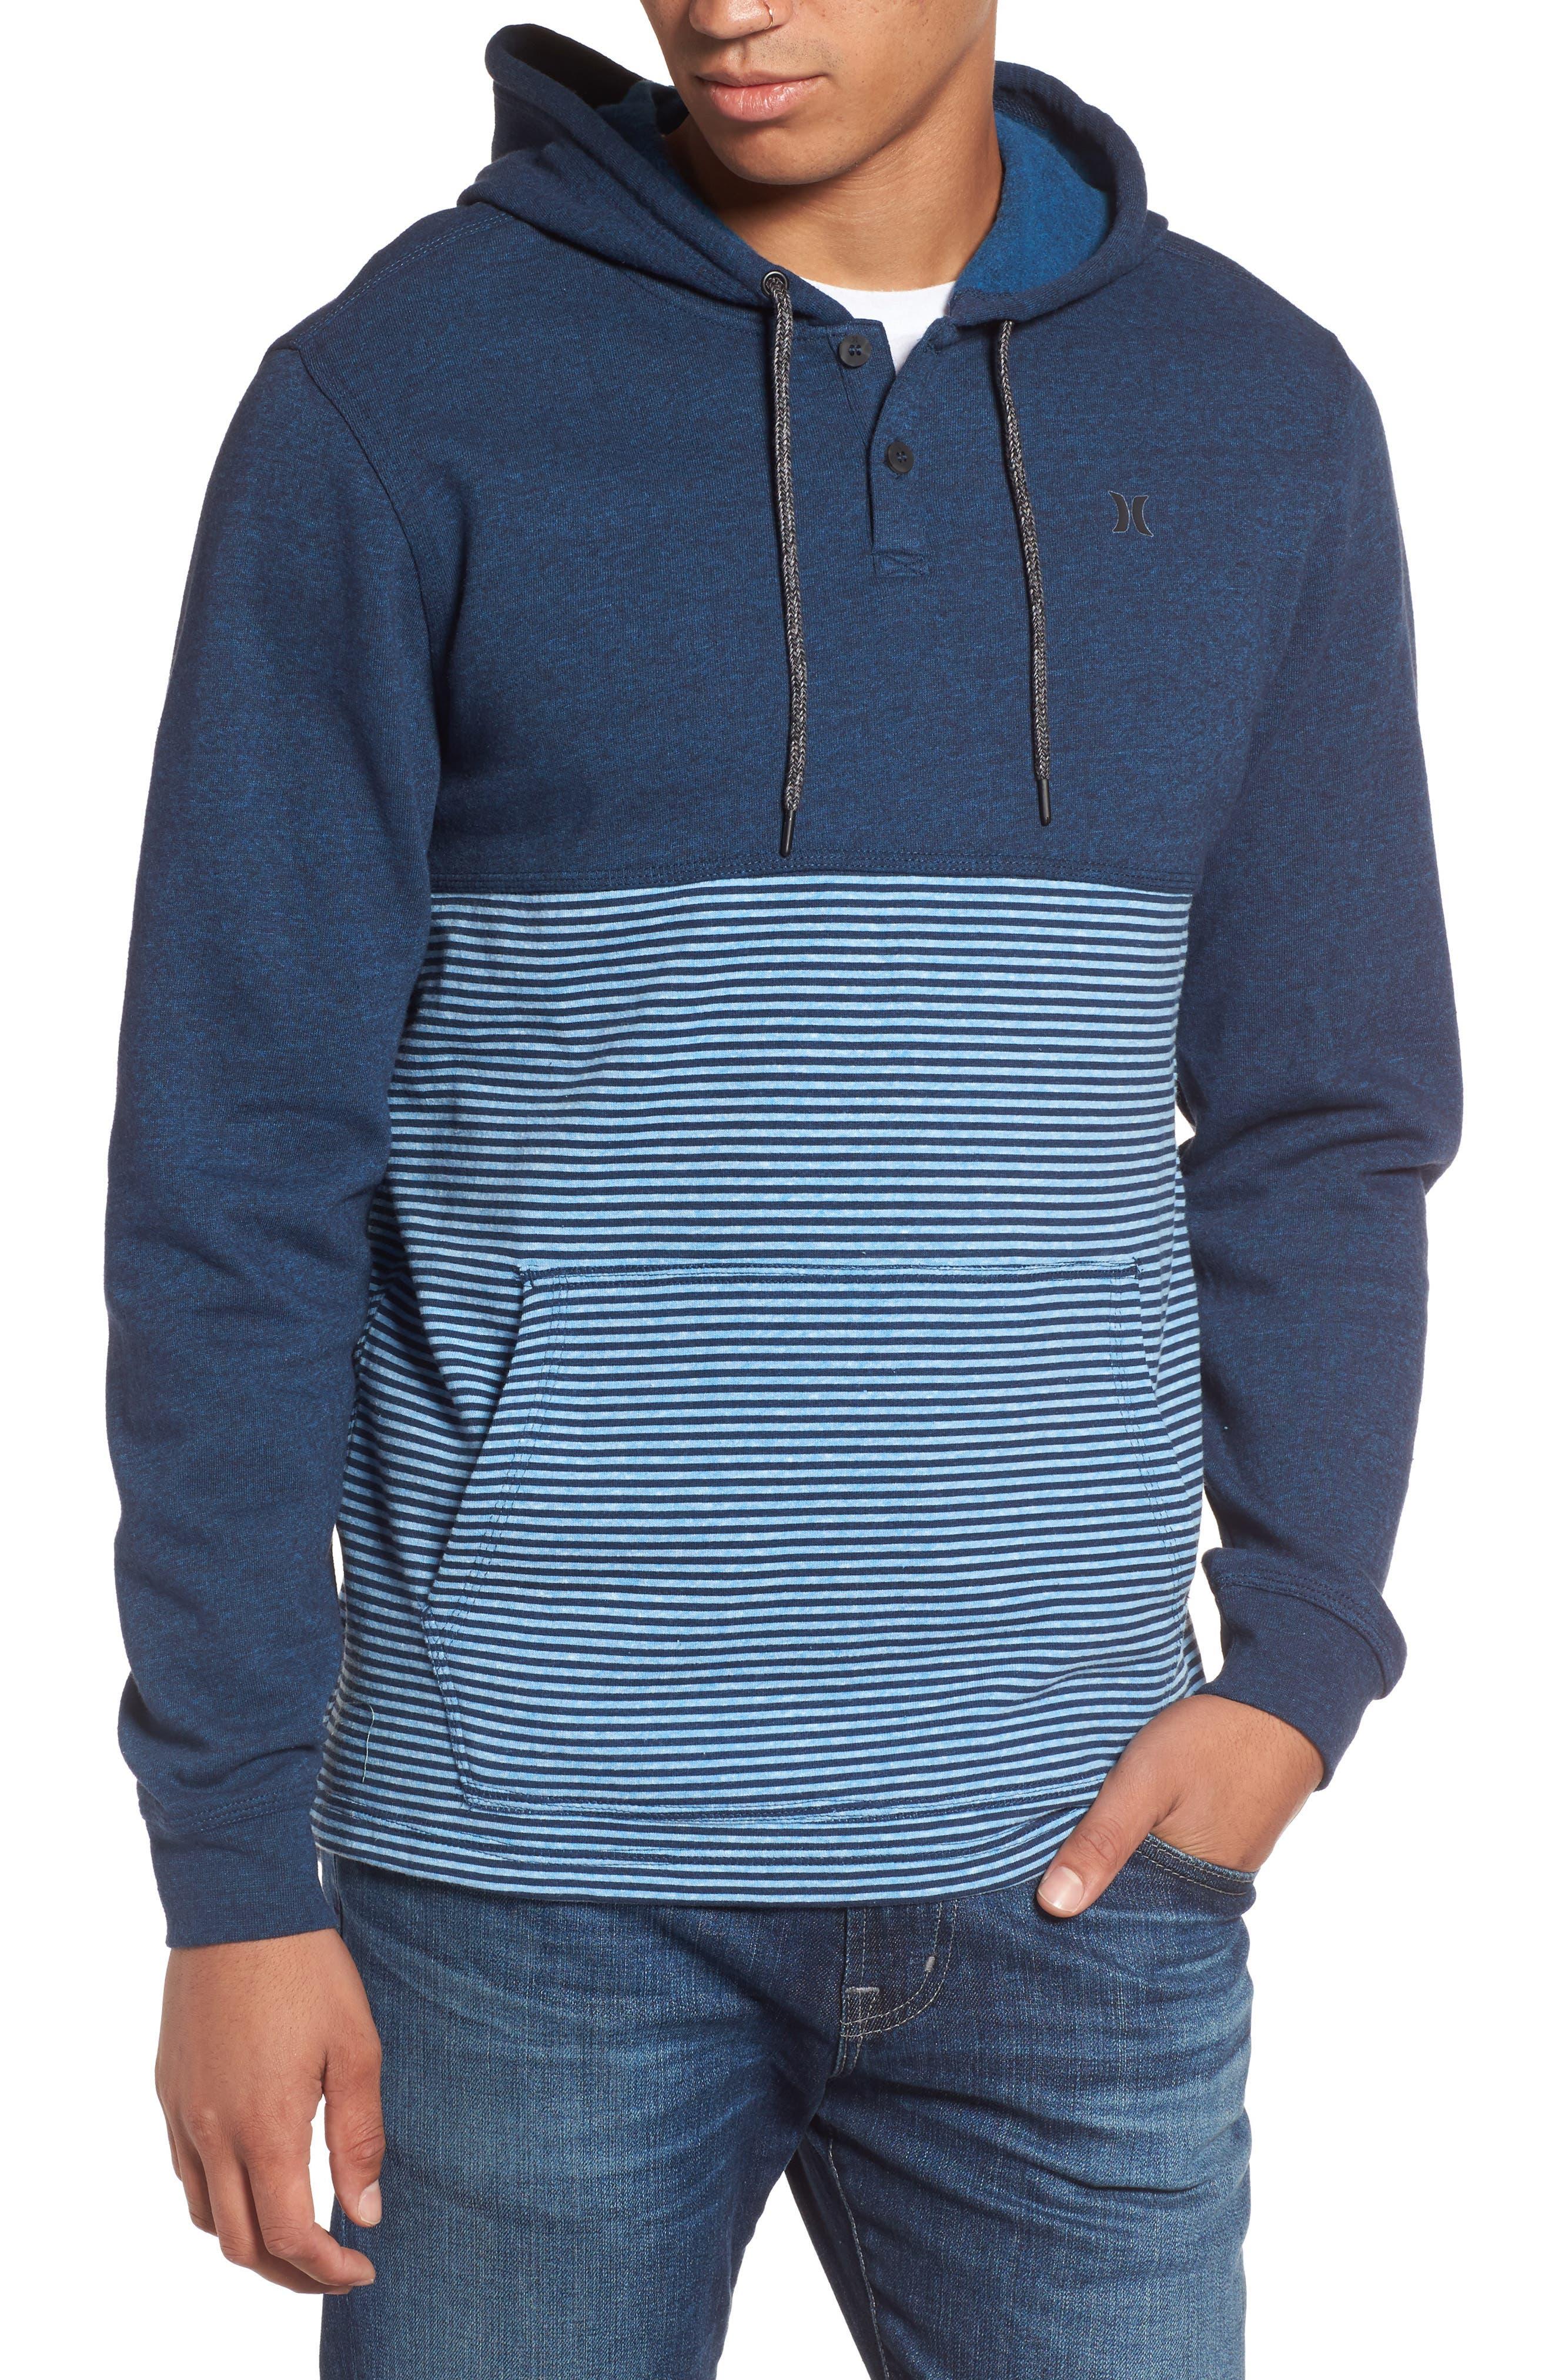 Hurley Bayside Pullover Hoodie